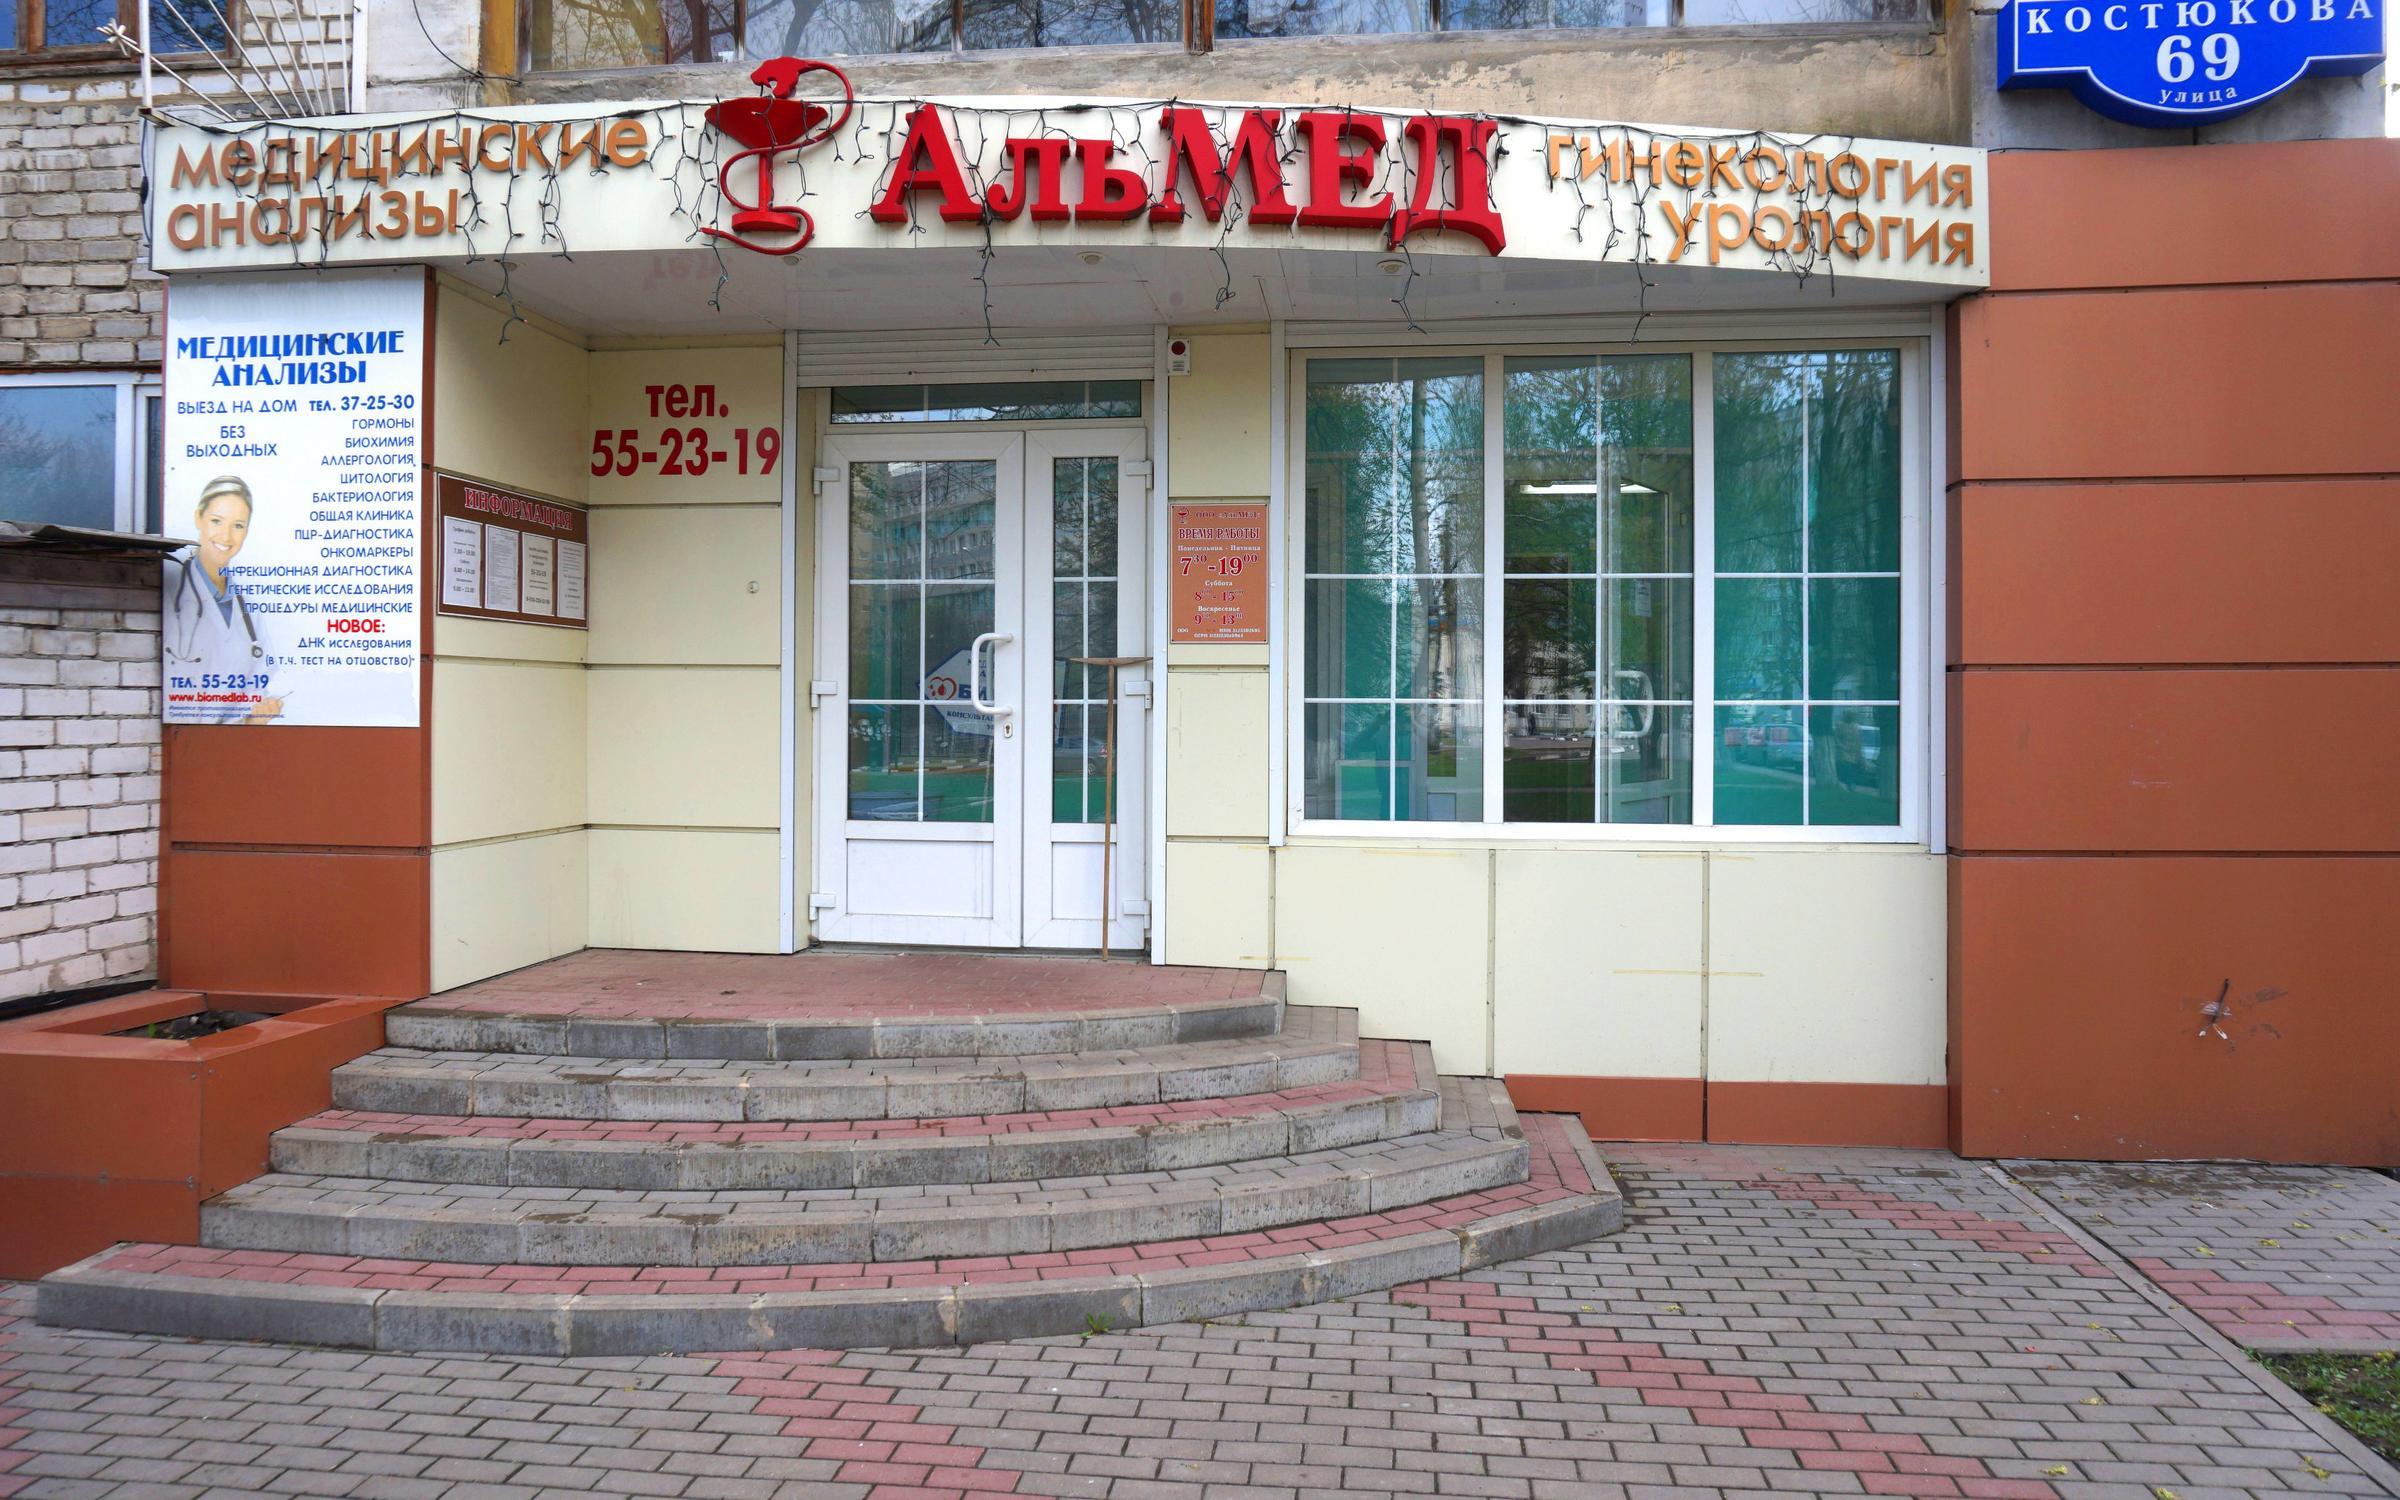 фотография Медицинского центра АльМЕД на улице Костюкова